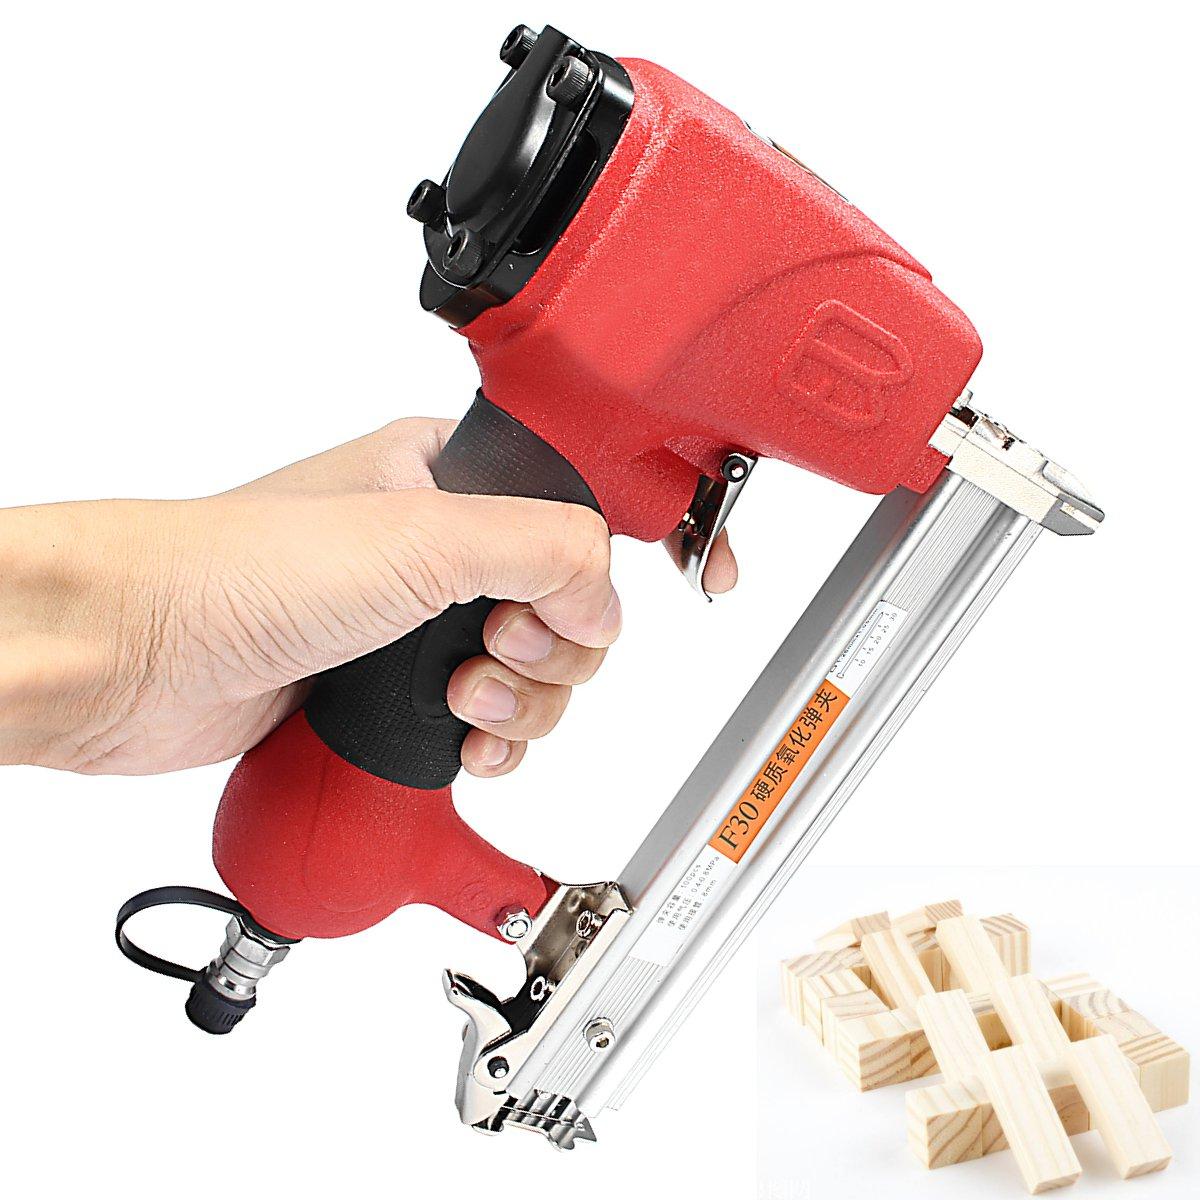 Cordless Electric Nailer Air Nailer Staple Guns Straight Nail 10 30mm Woodworking Framing Tools Power Tools Home Renovation